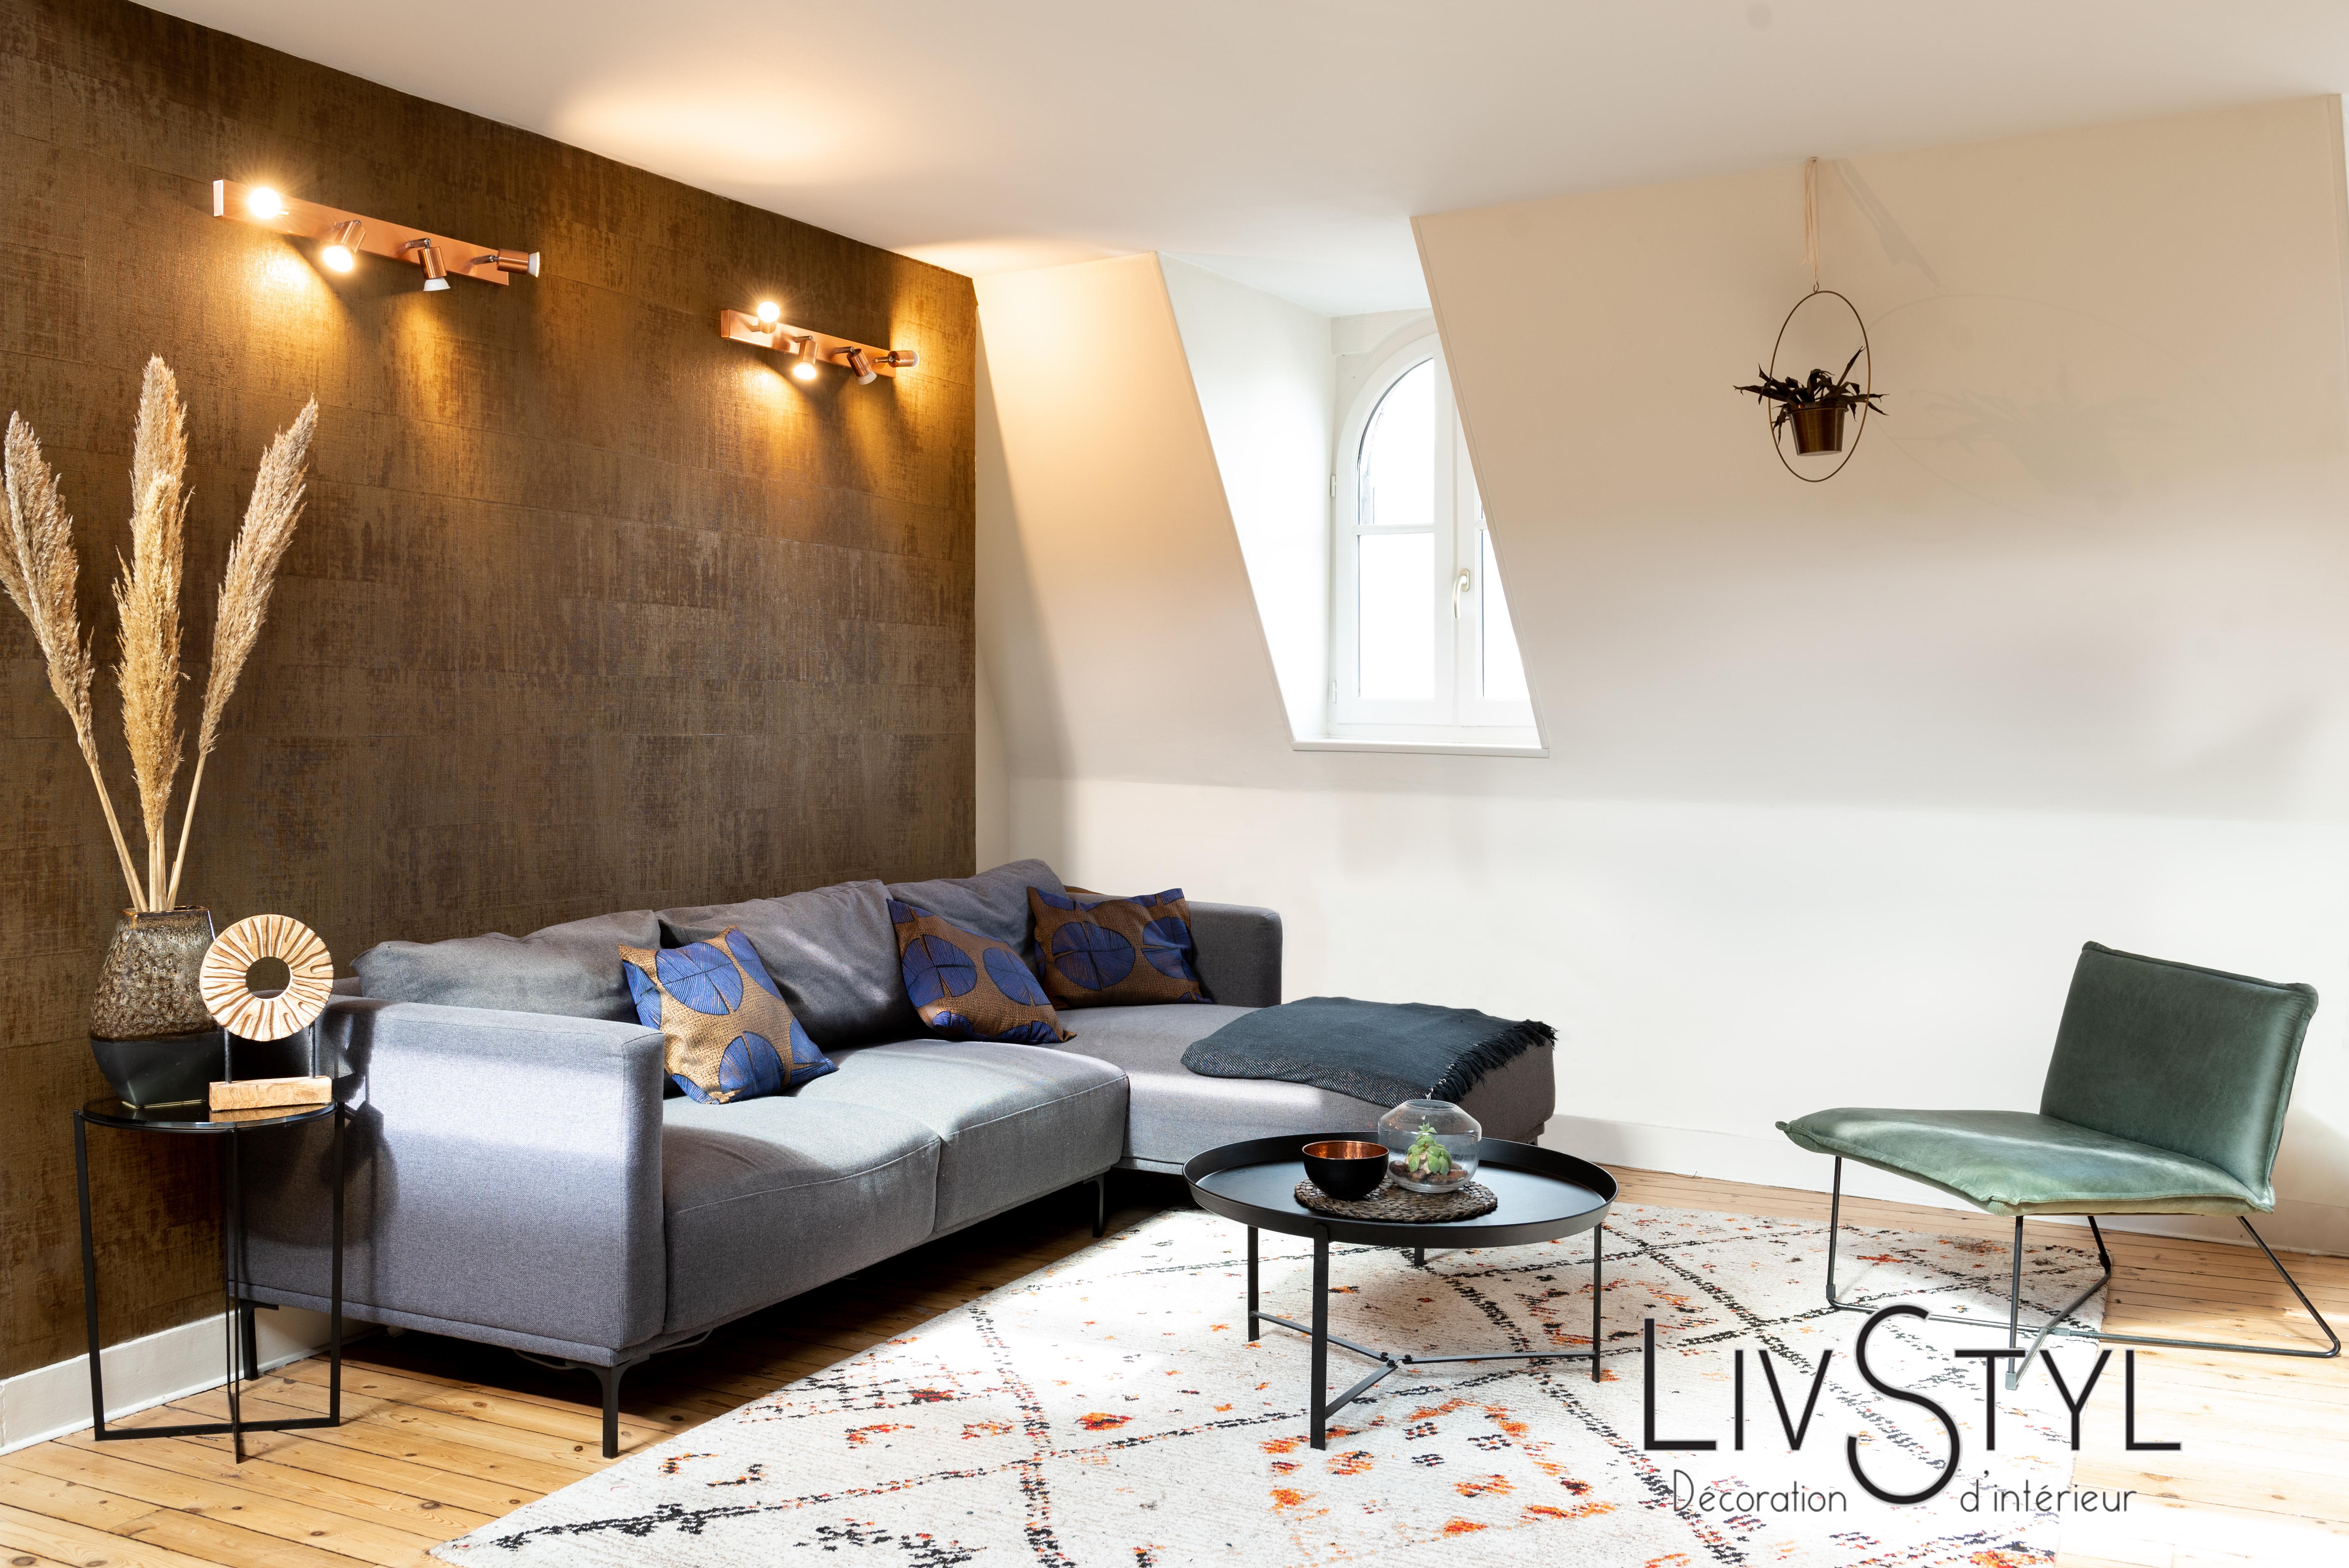 Décoration du salon avec canapé d'angle et papier peint ethnique